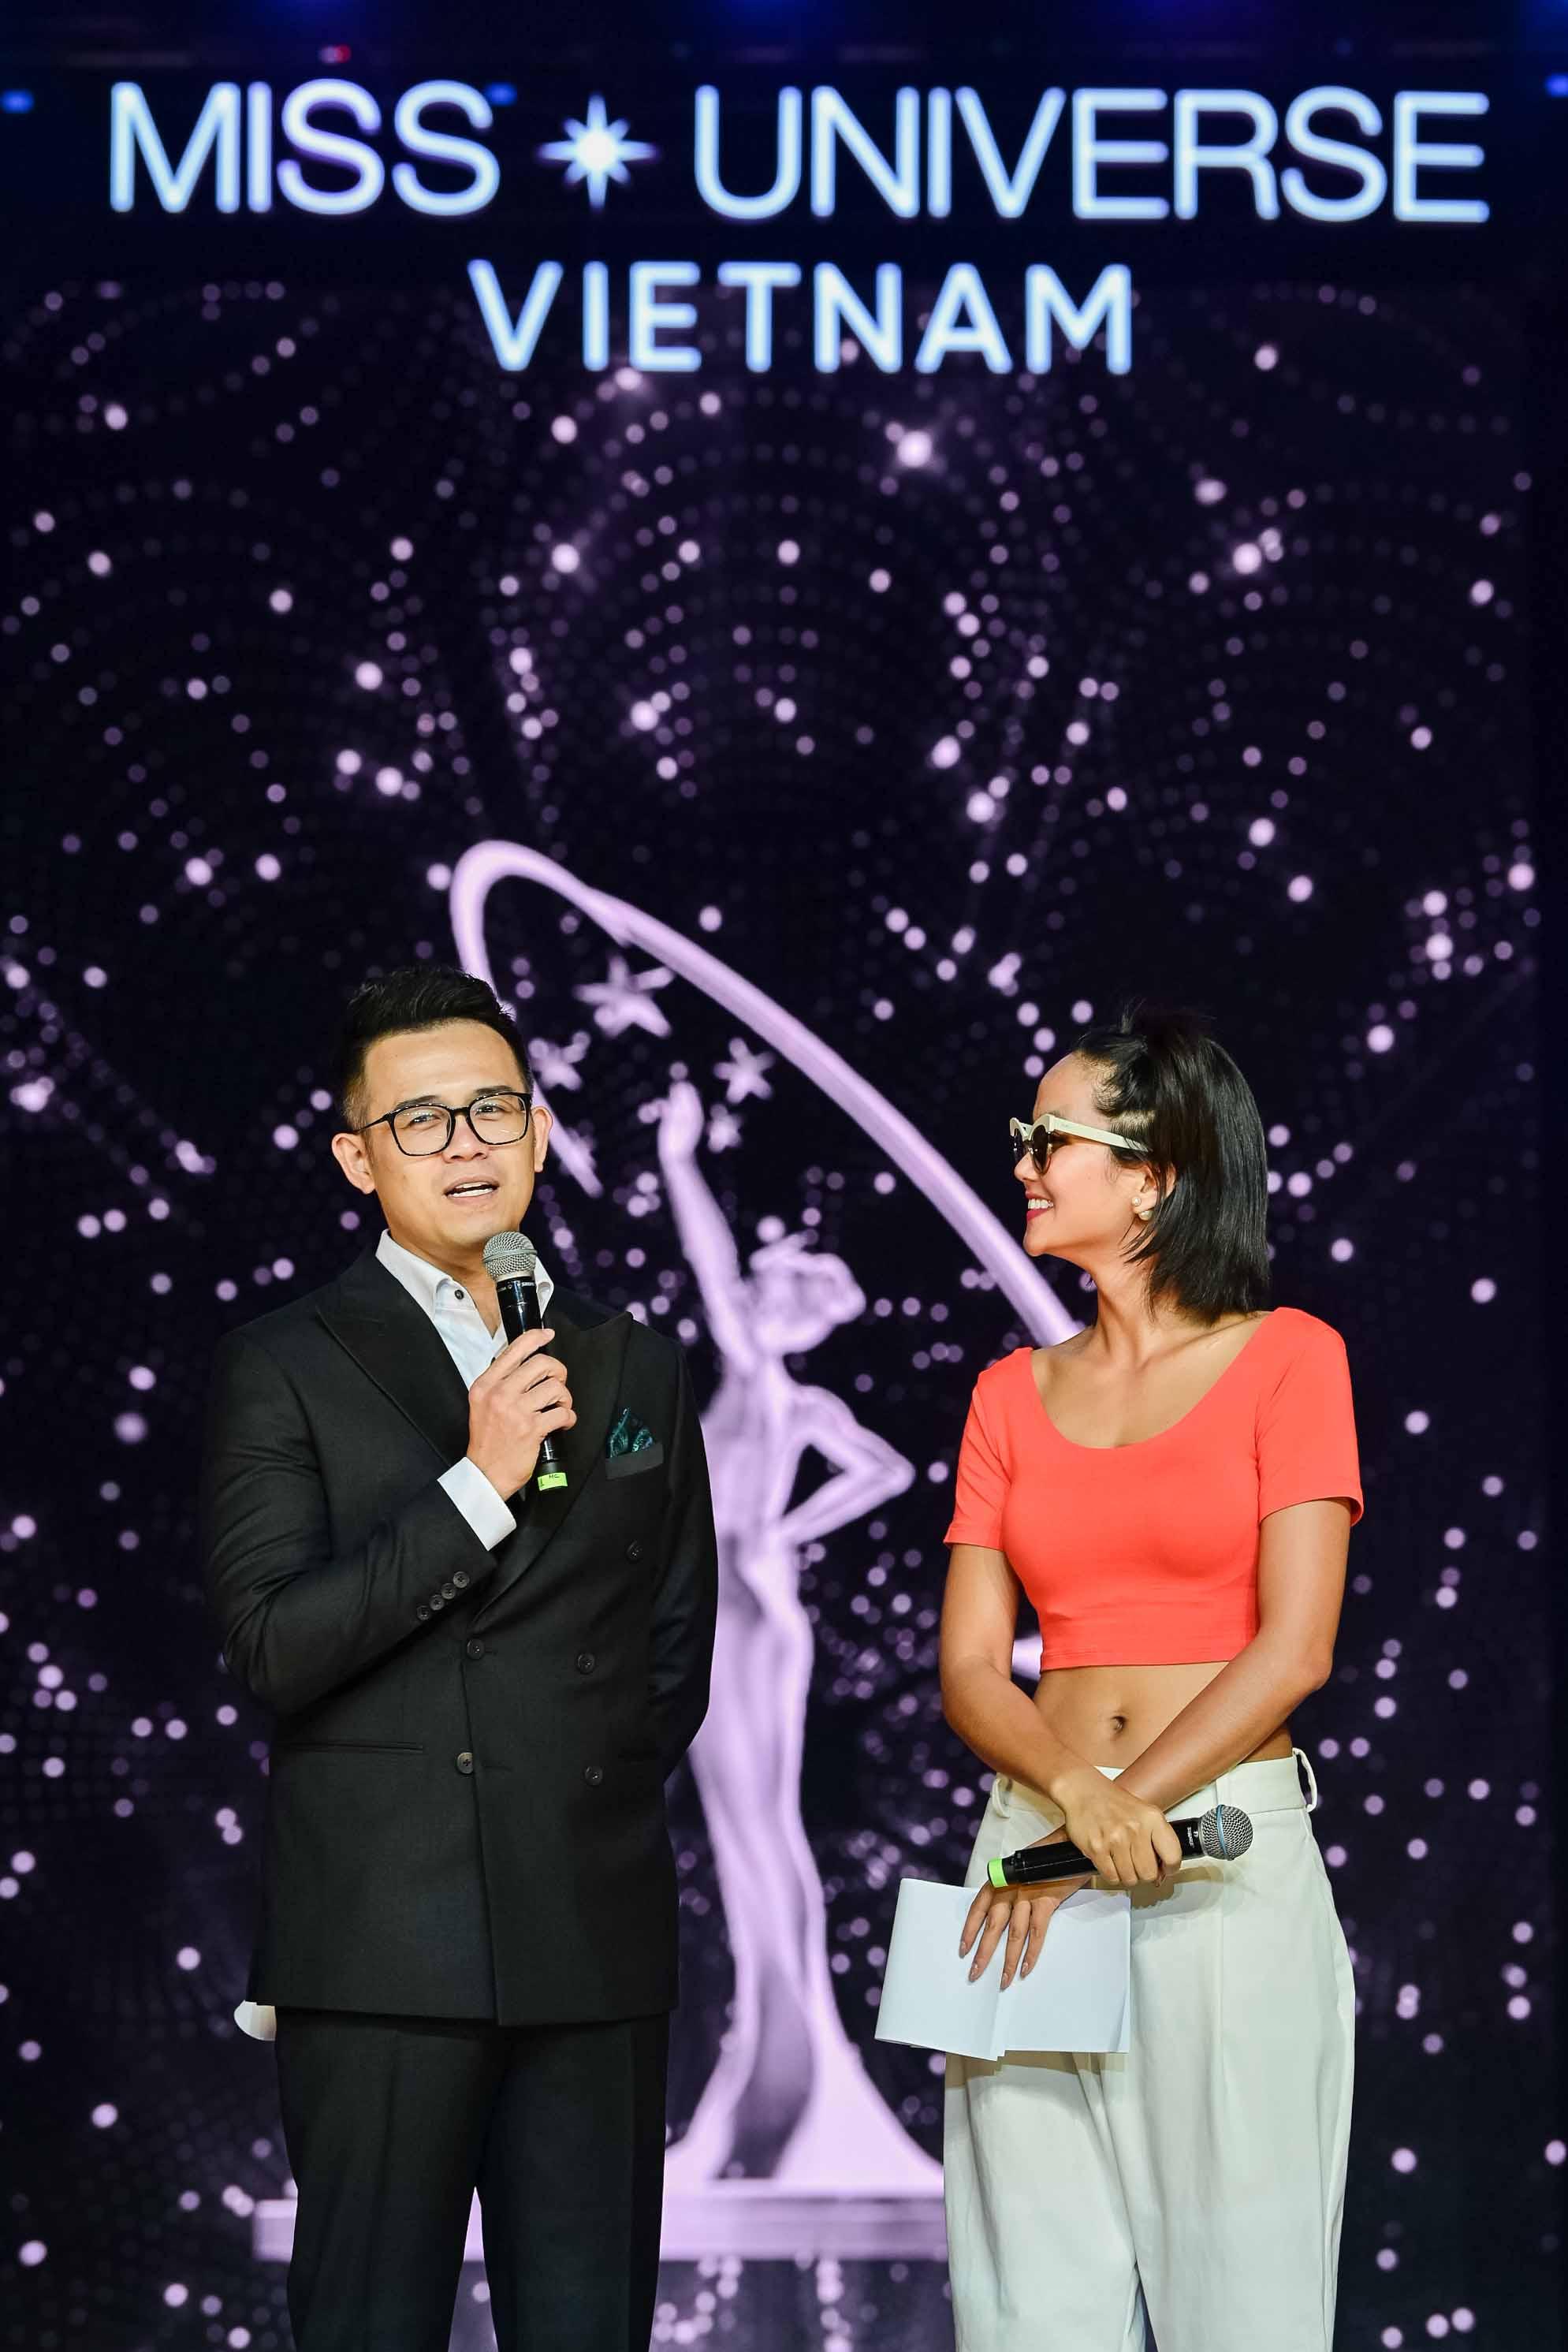 Nàng hậu đã có những khoảnh khắc vô cùng đáng yêu trên sân khấu Miss Universe Việt Nam 2019